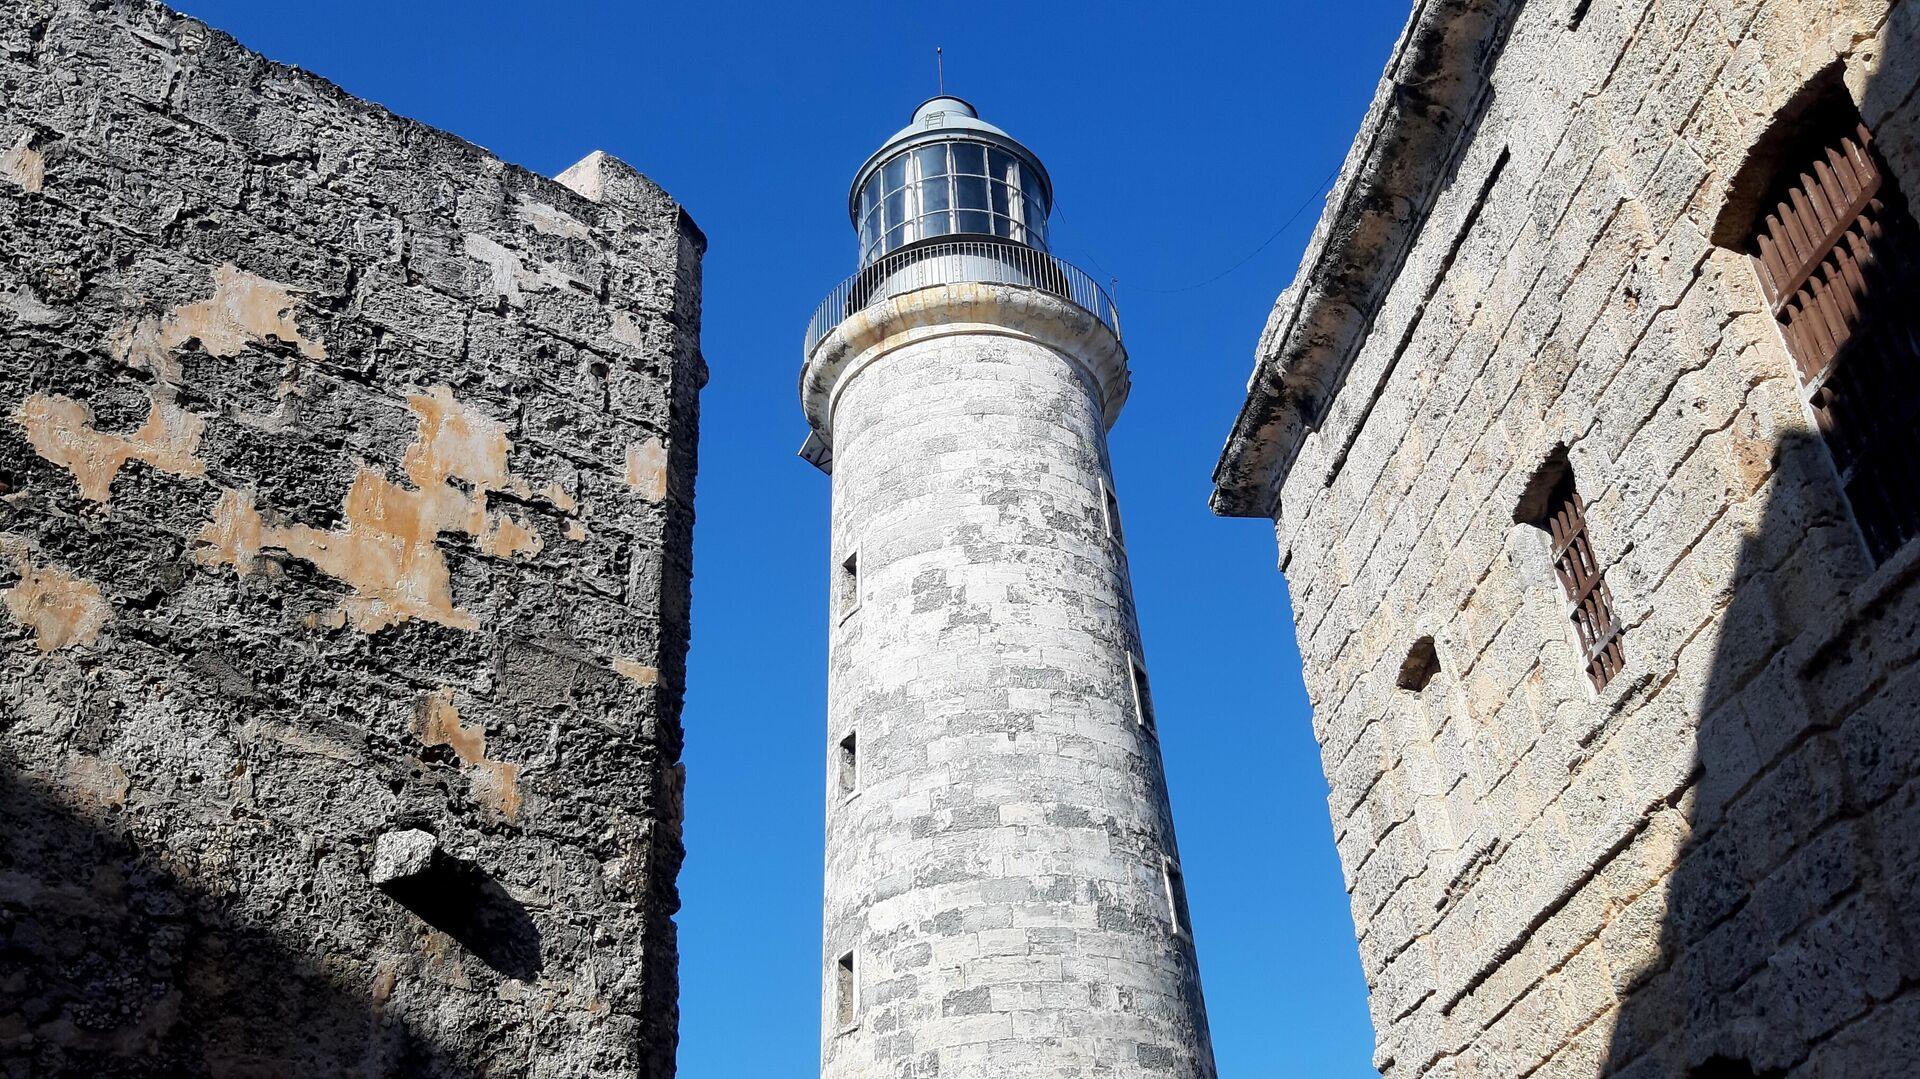 El Faro del Morro tiene una altura de 25 metros - Sputnik Mundo, 1920, 29.03.2021